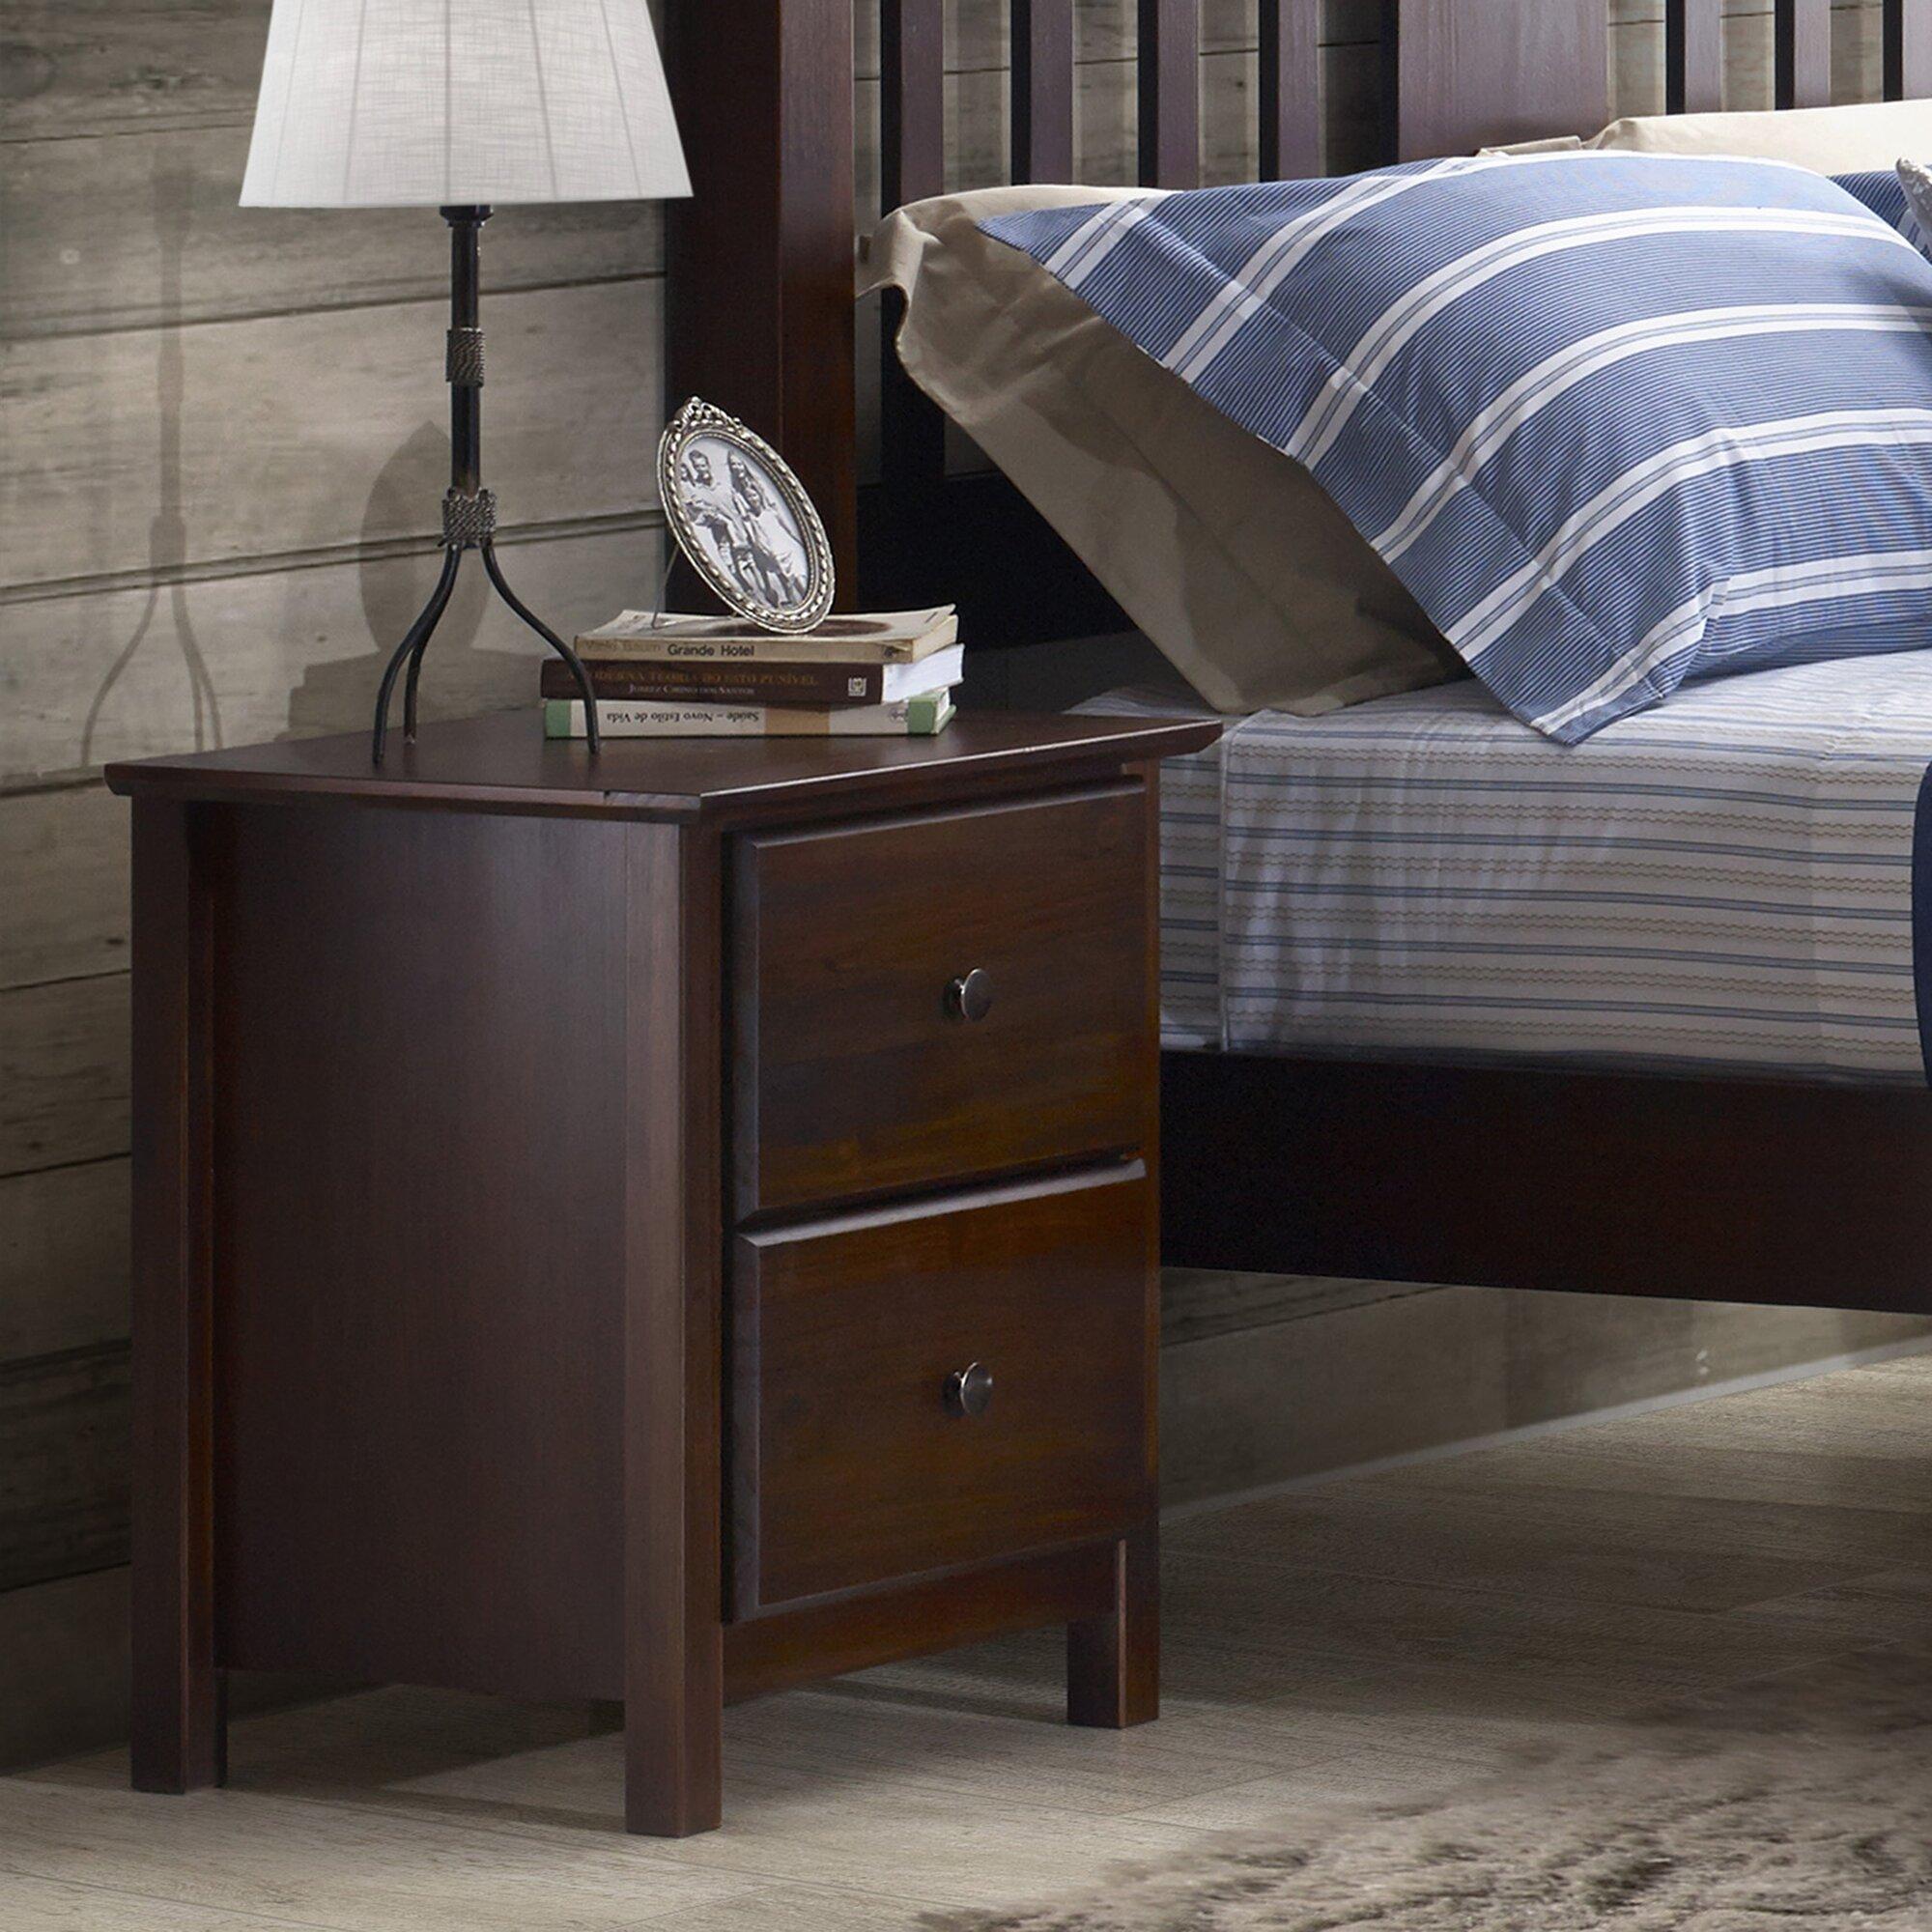 Grain Wood Furniture Shaker  Drawer Nightstand  Reviews Wayfair - Online shaker style bedroom furniture